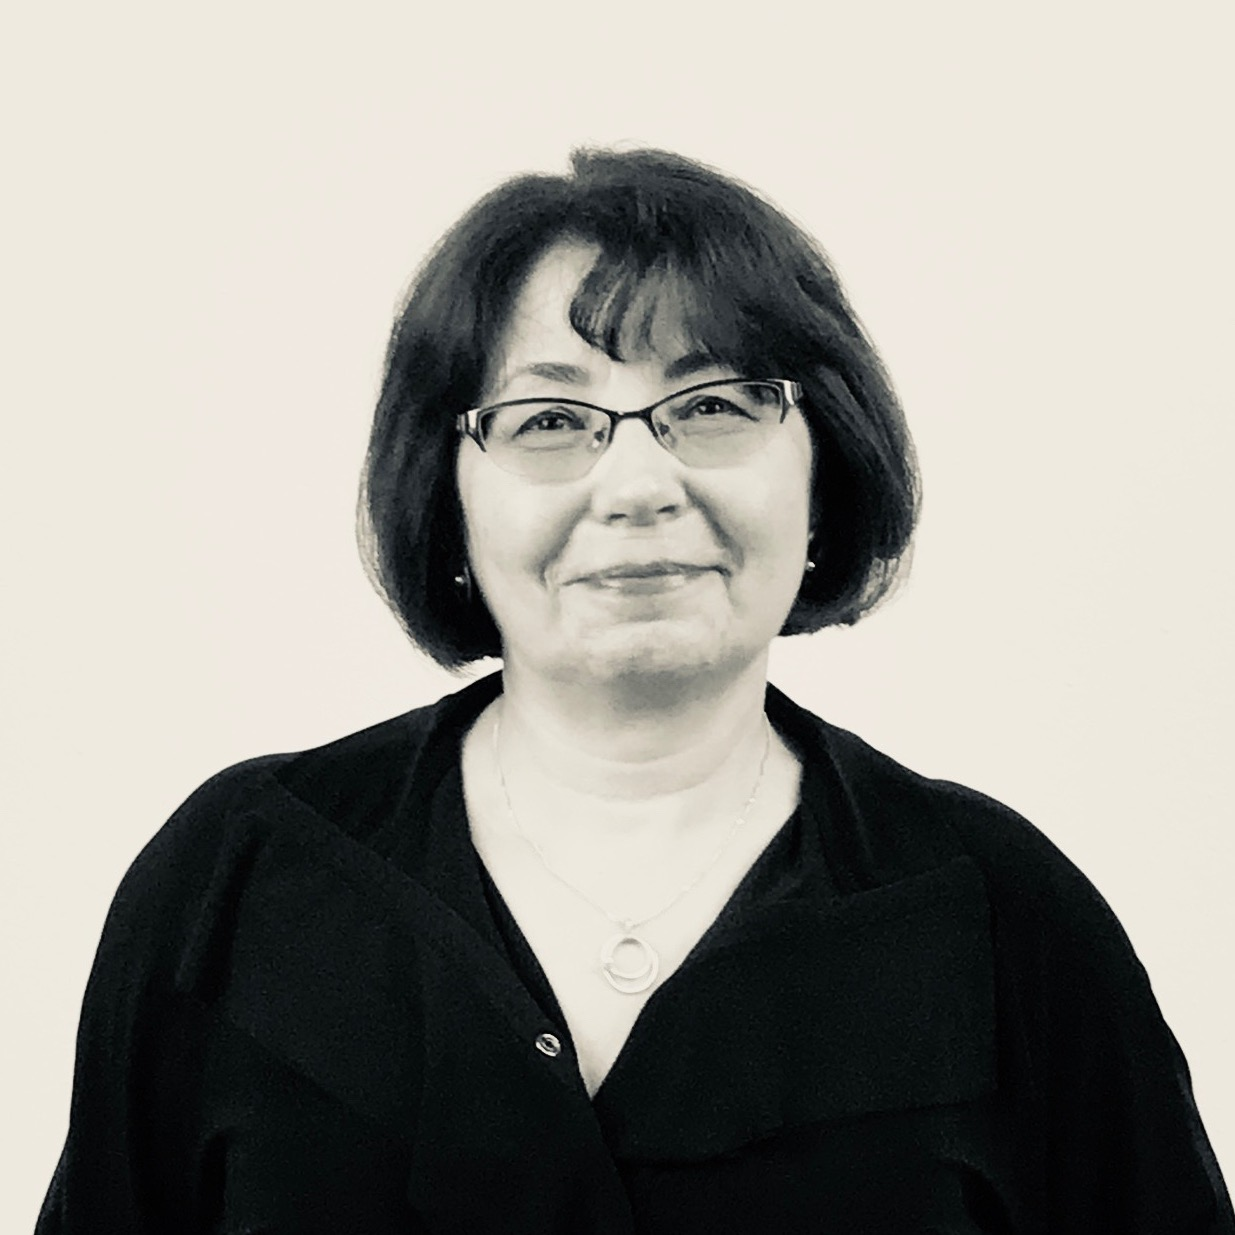 Viktoriya Aronska